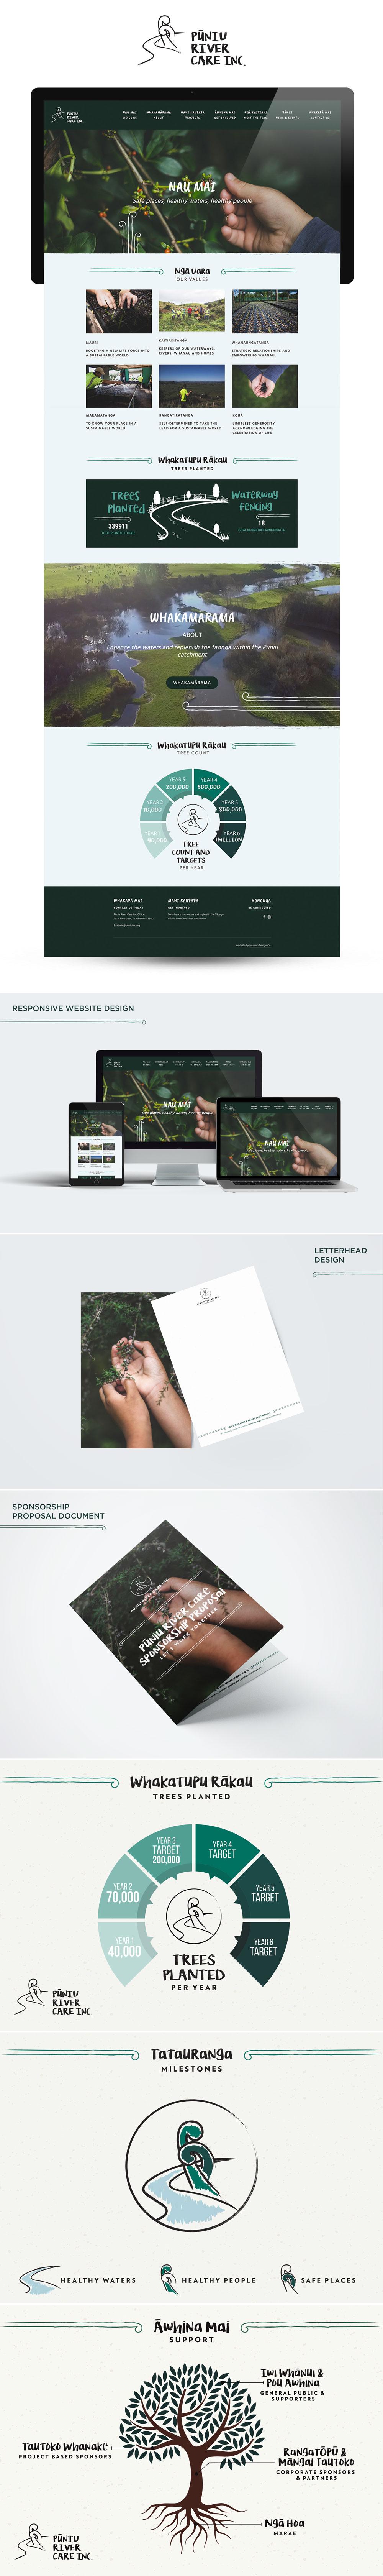 Inkdrop_Puniu_River_Care_Website_Branding-2.jpg